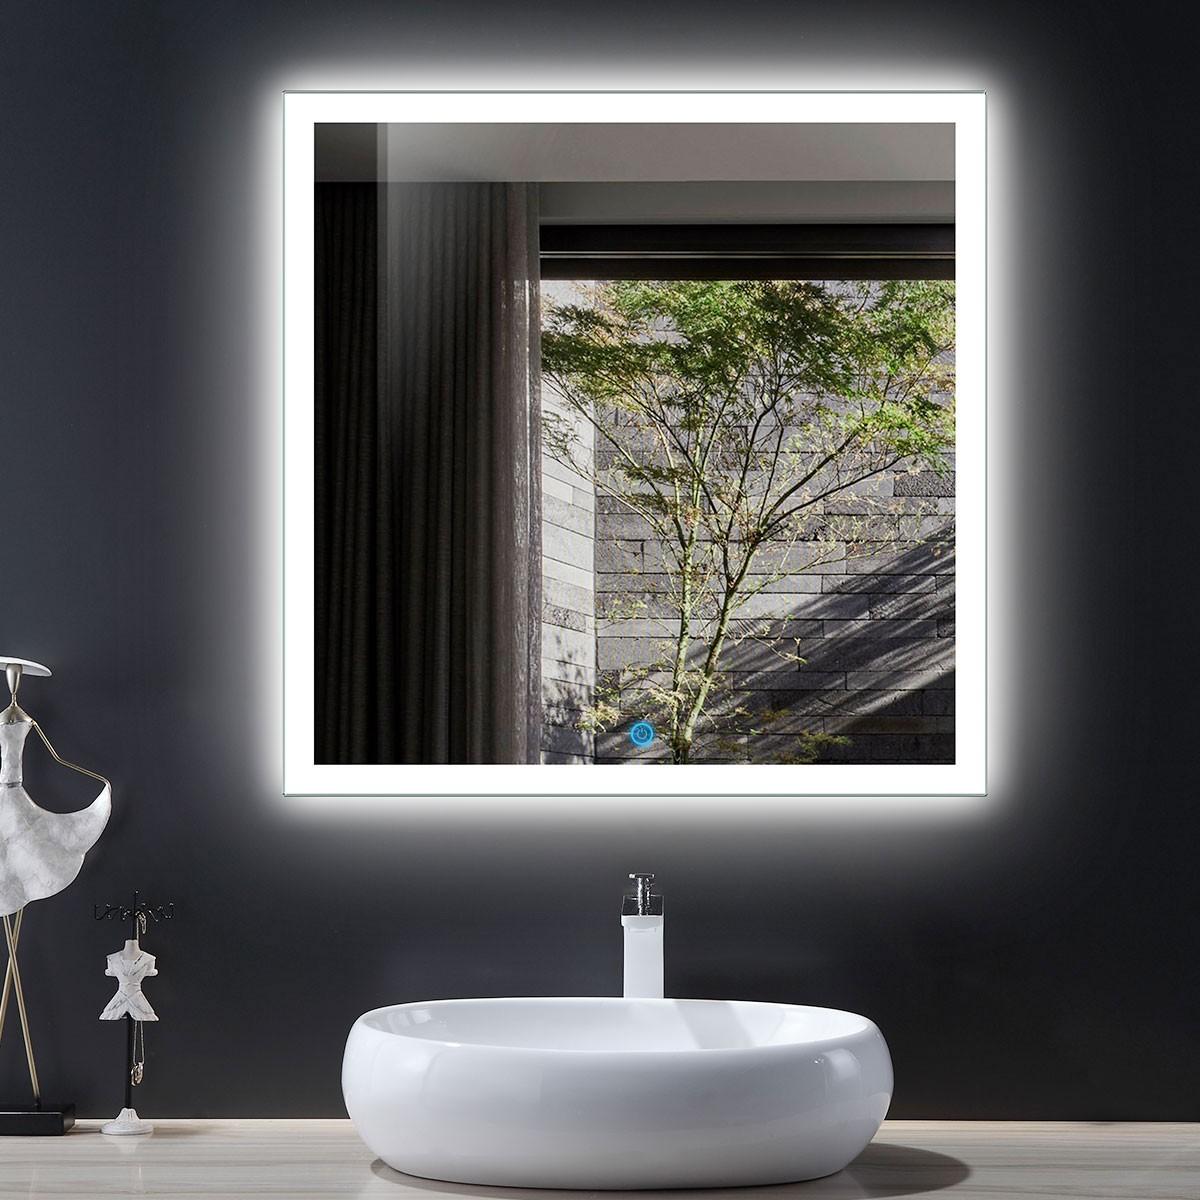 36 x 36 po miroir de salle de bain LED avec bouton tactile (DK-OD-N031-E)